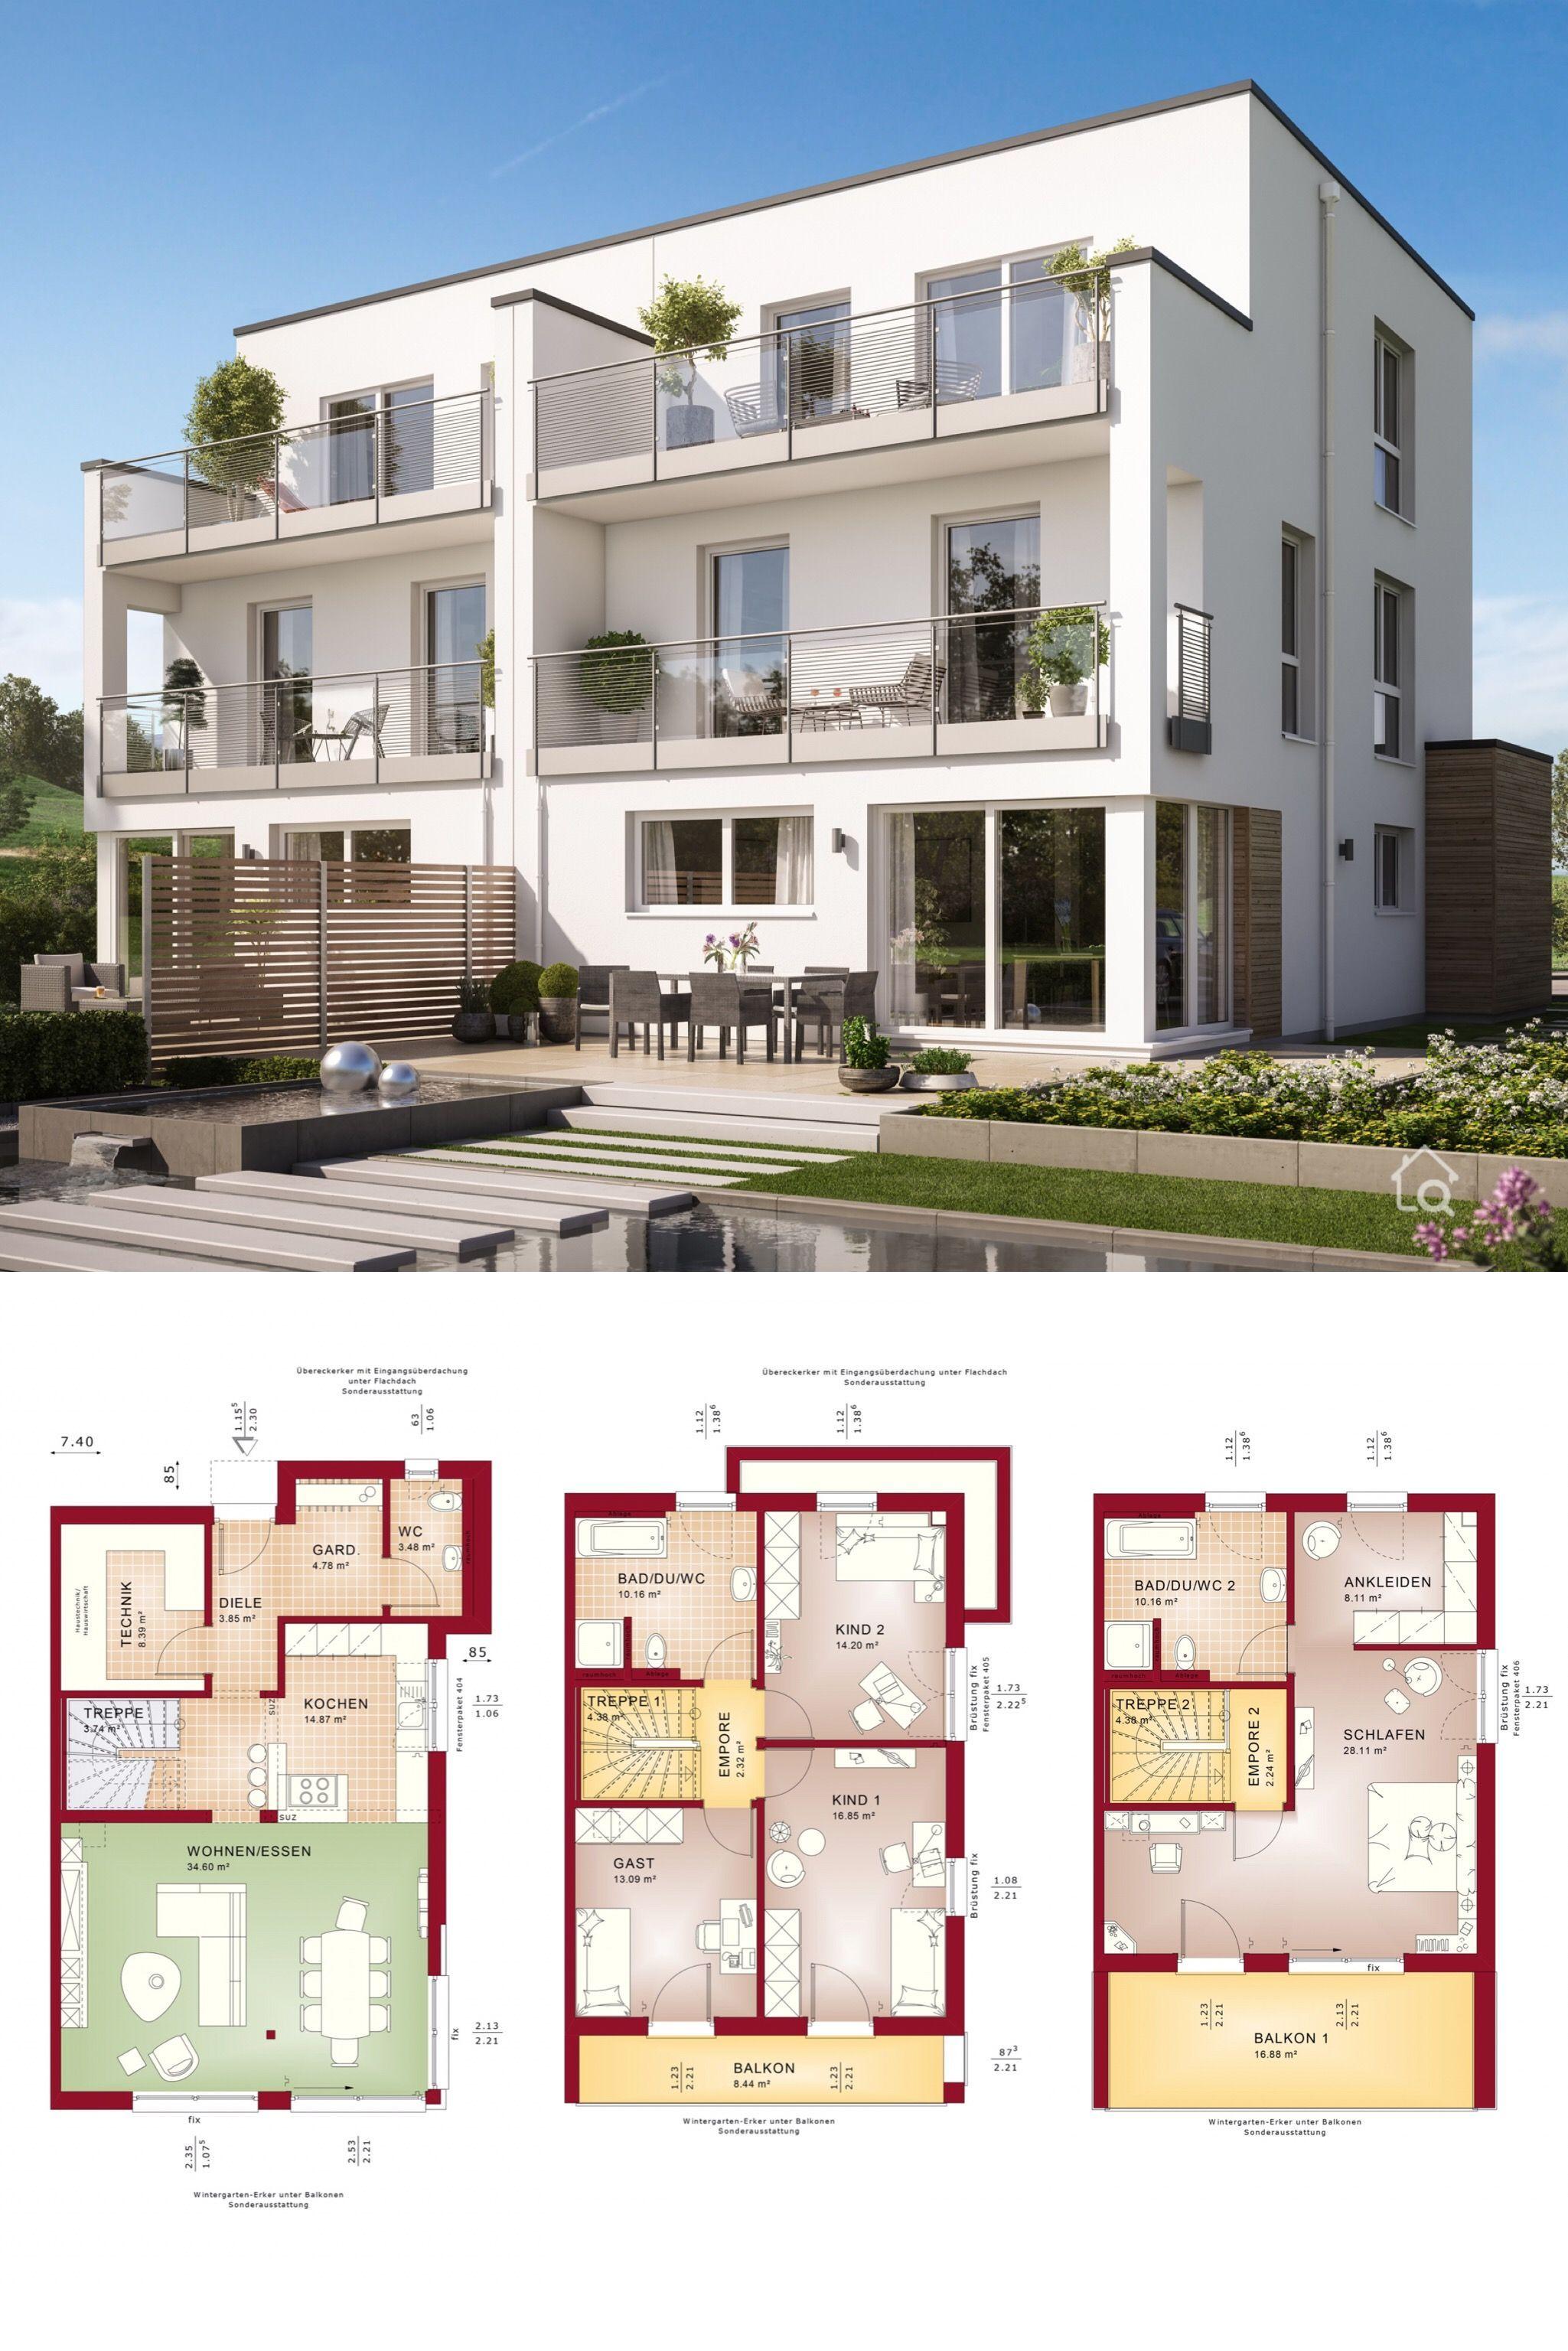 Modernes Doppelhaus Grundriss Mit 5 Zimmer Flachdach Architektur Im Bauhausstil 166 Qm Gross Doppelhaus Grundriss Grundriss Mehrfamilienhaus Haus Grundriss